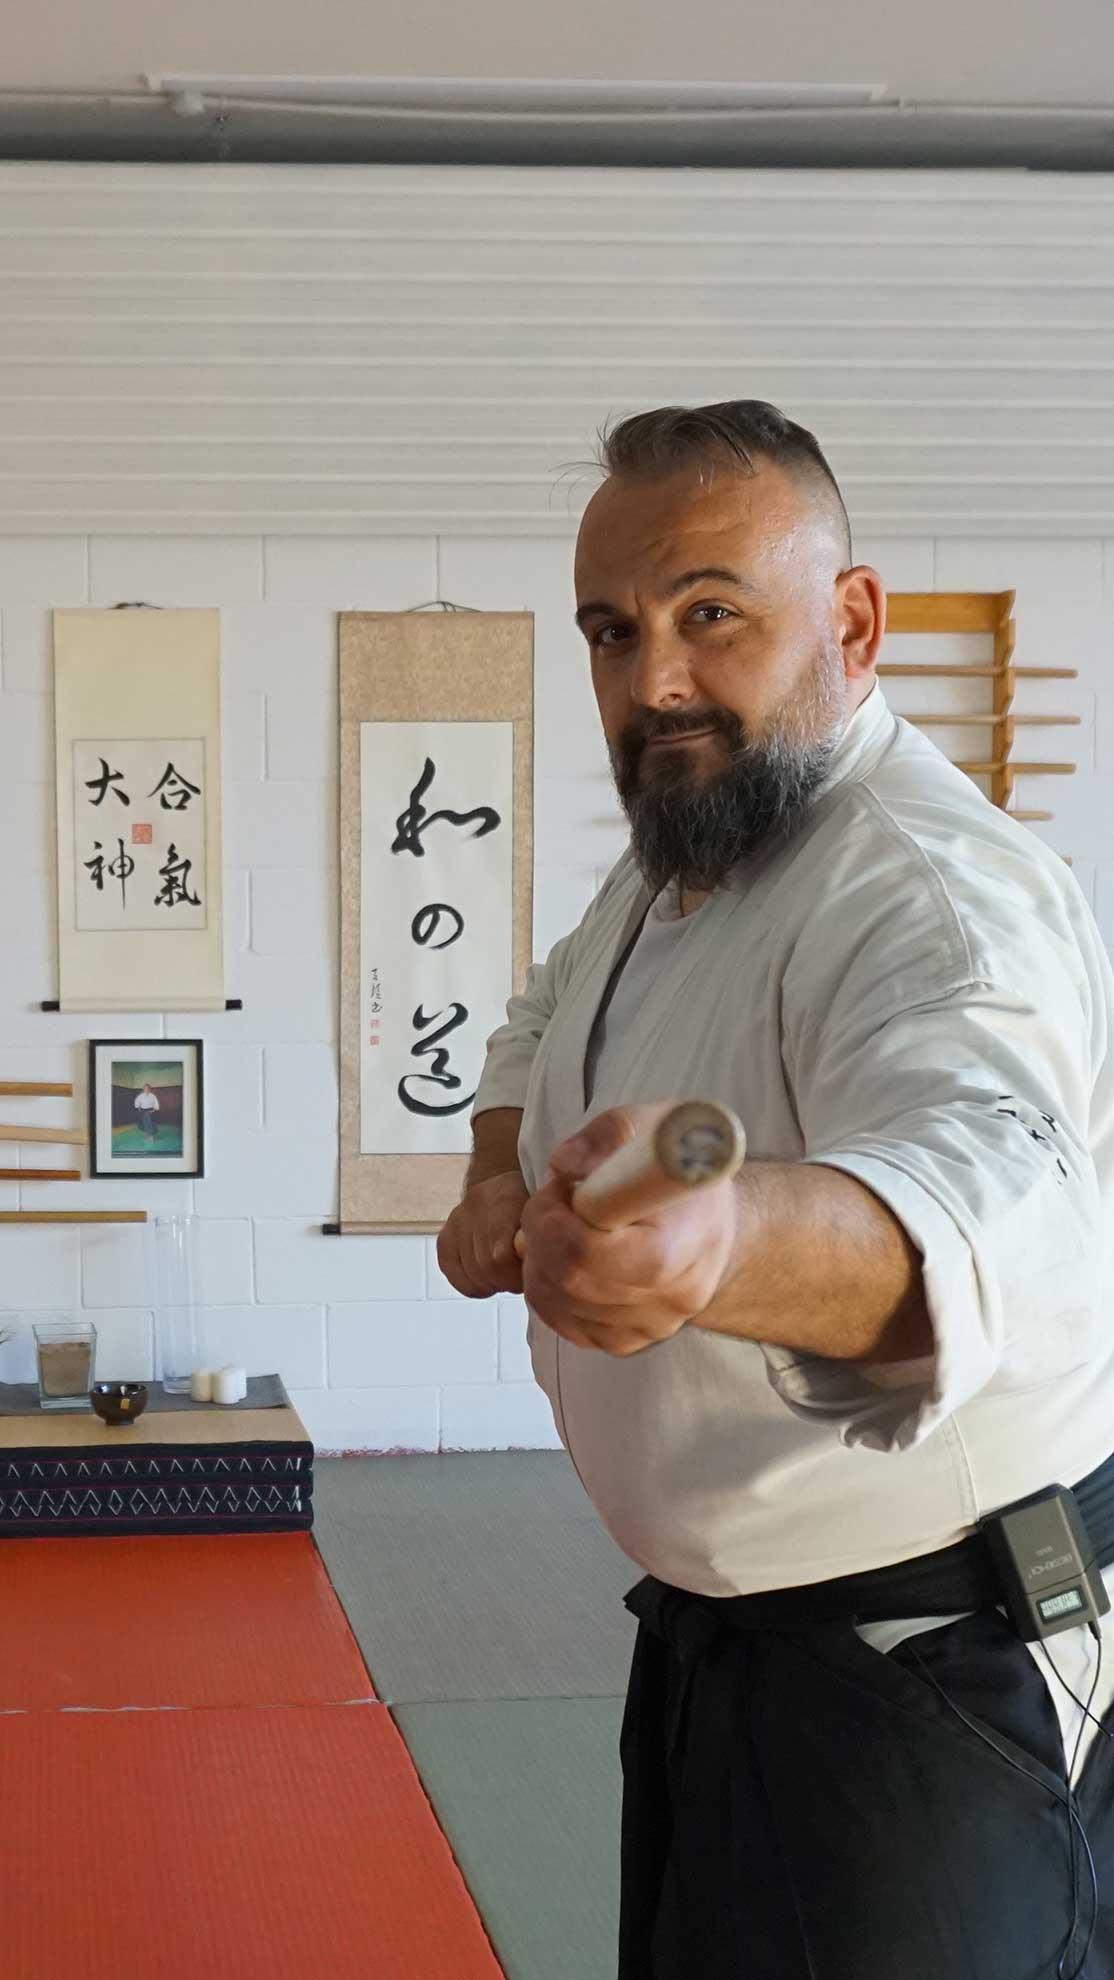 fabio Ramazzin in tsuki no kamae con il bastone di aikido